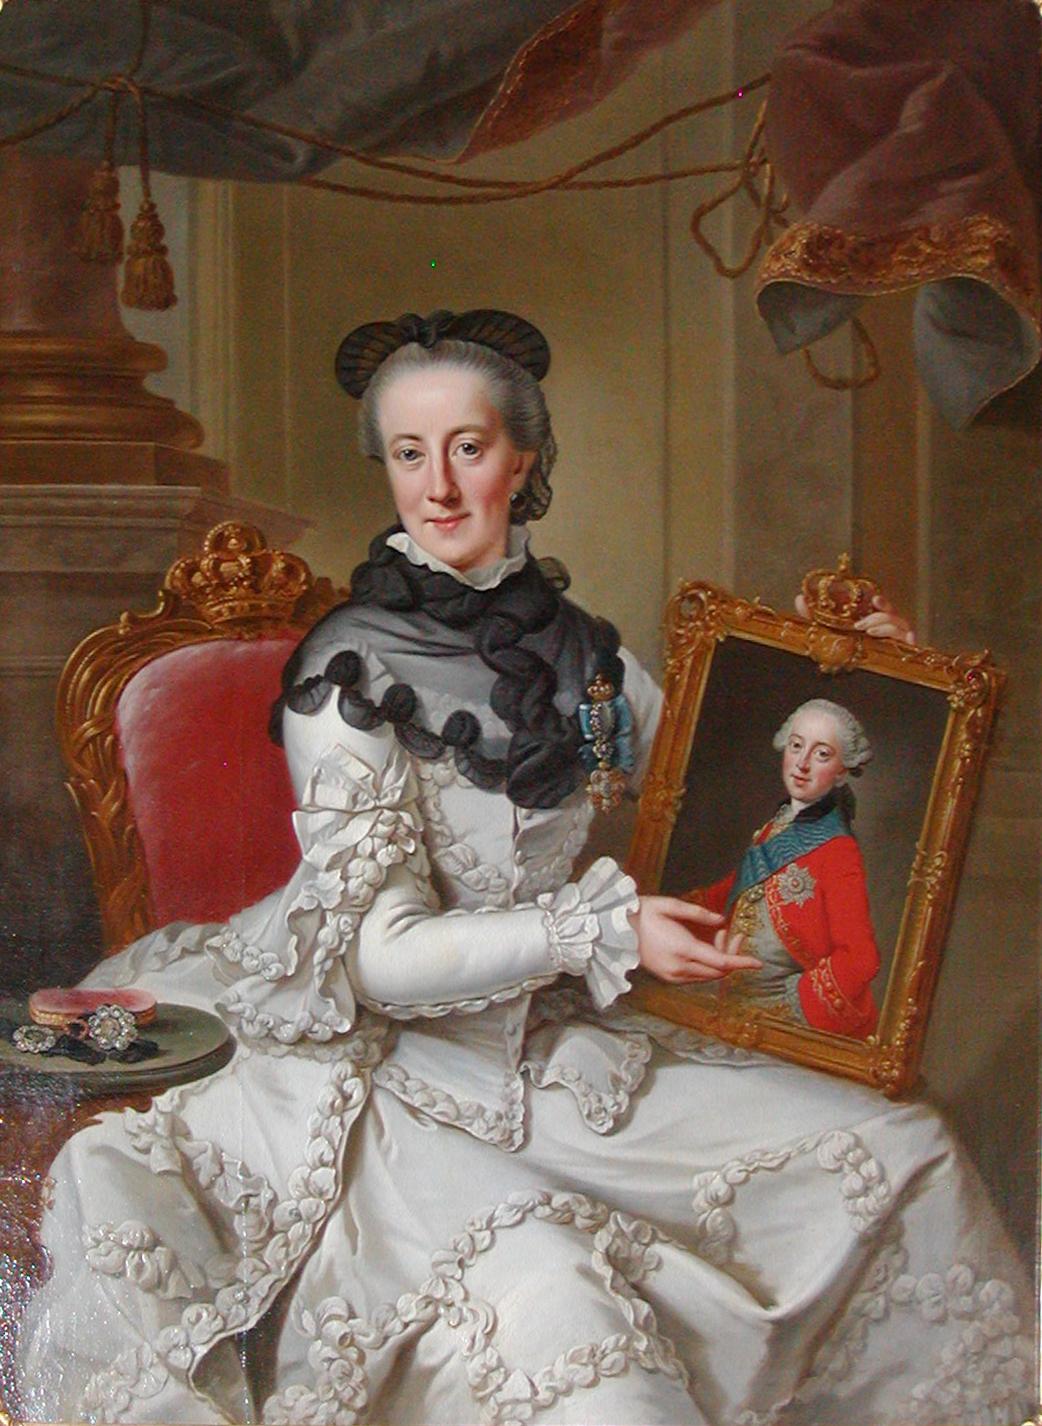 http://upload.wikimedia.org/wikipedia/commons/b/b9/Enkedronning_Juliane_Marie.jpg